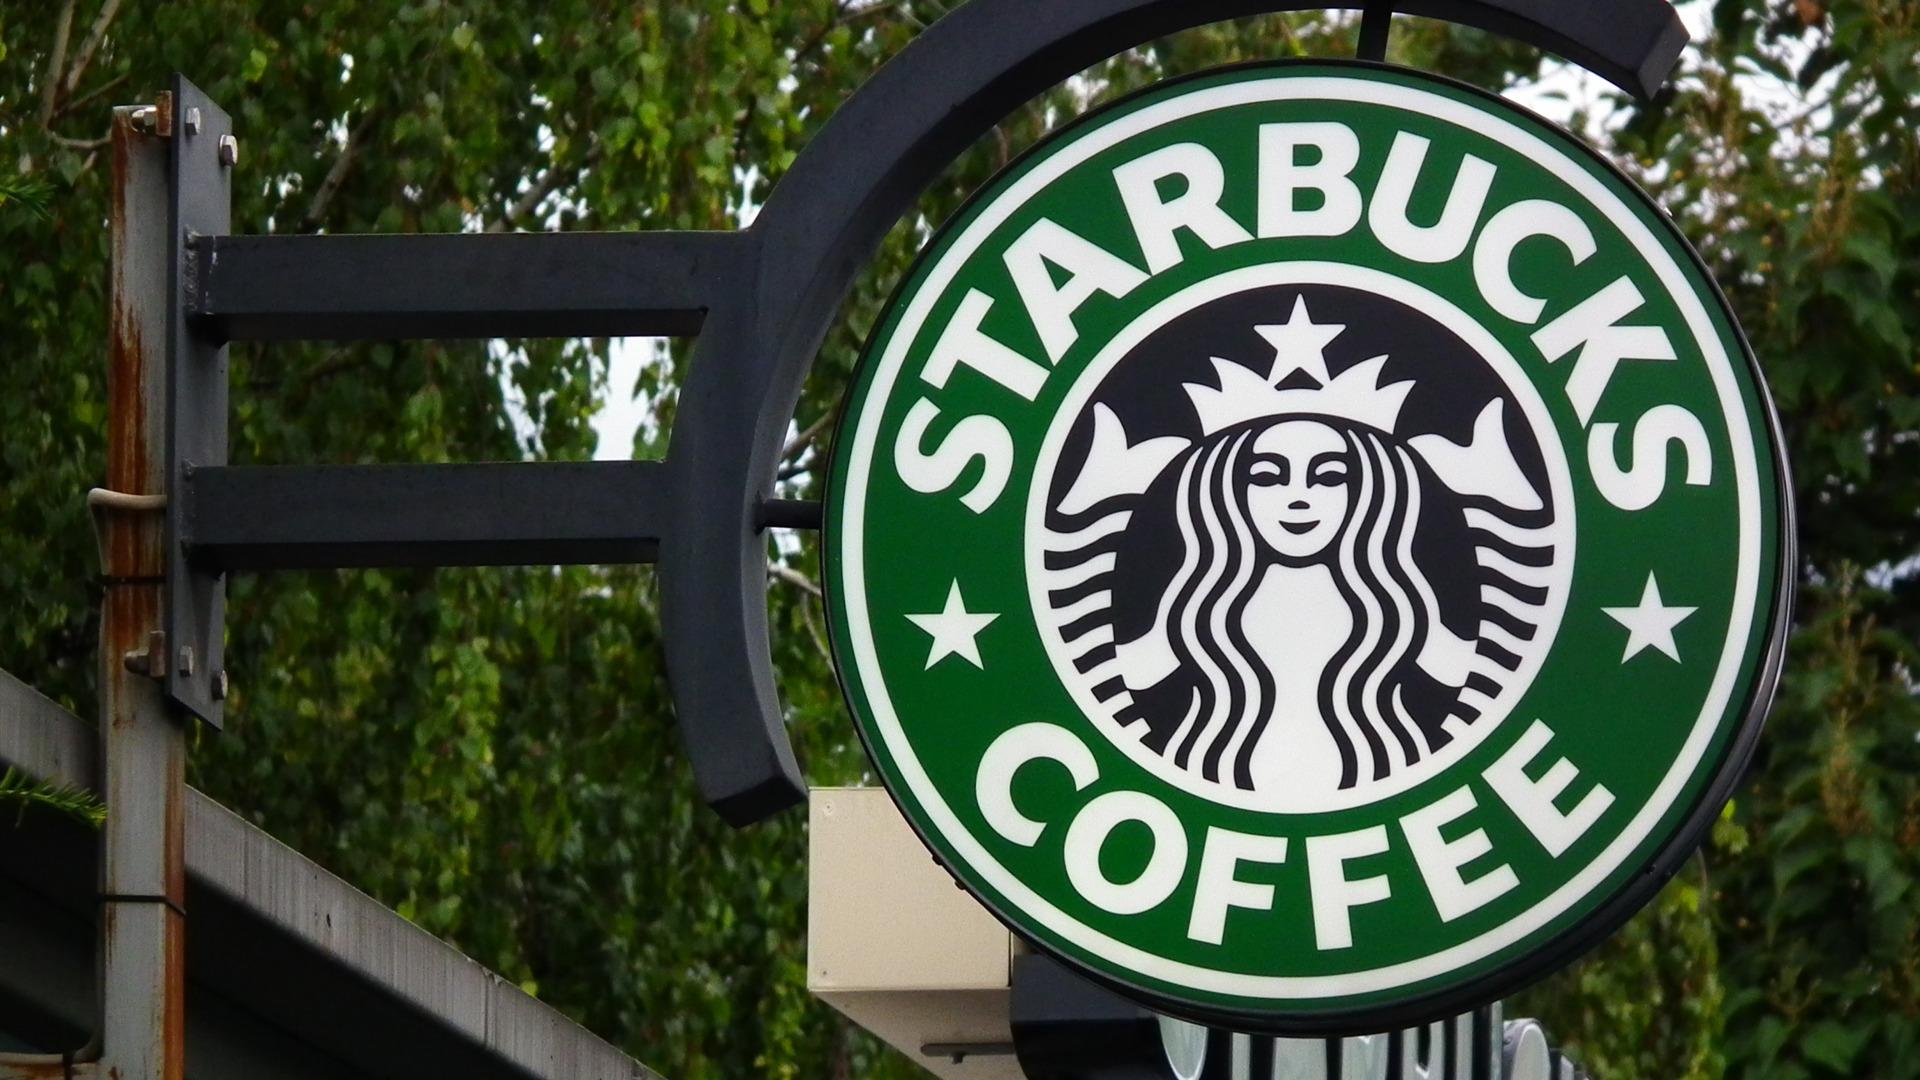 スターバックスのロゴコーヒー ブランド壁紙プレビュー 10wallpaper Com